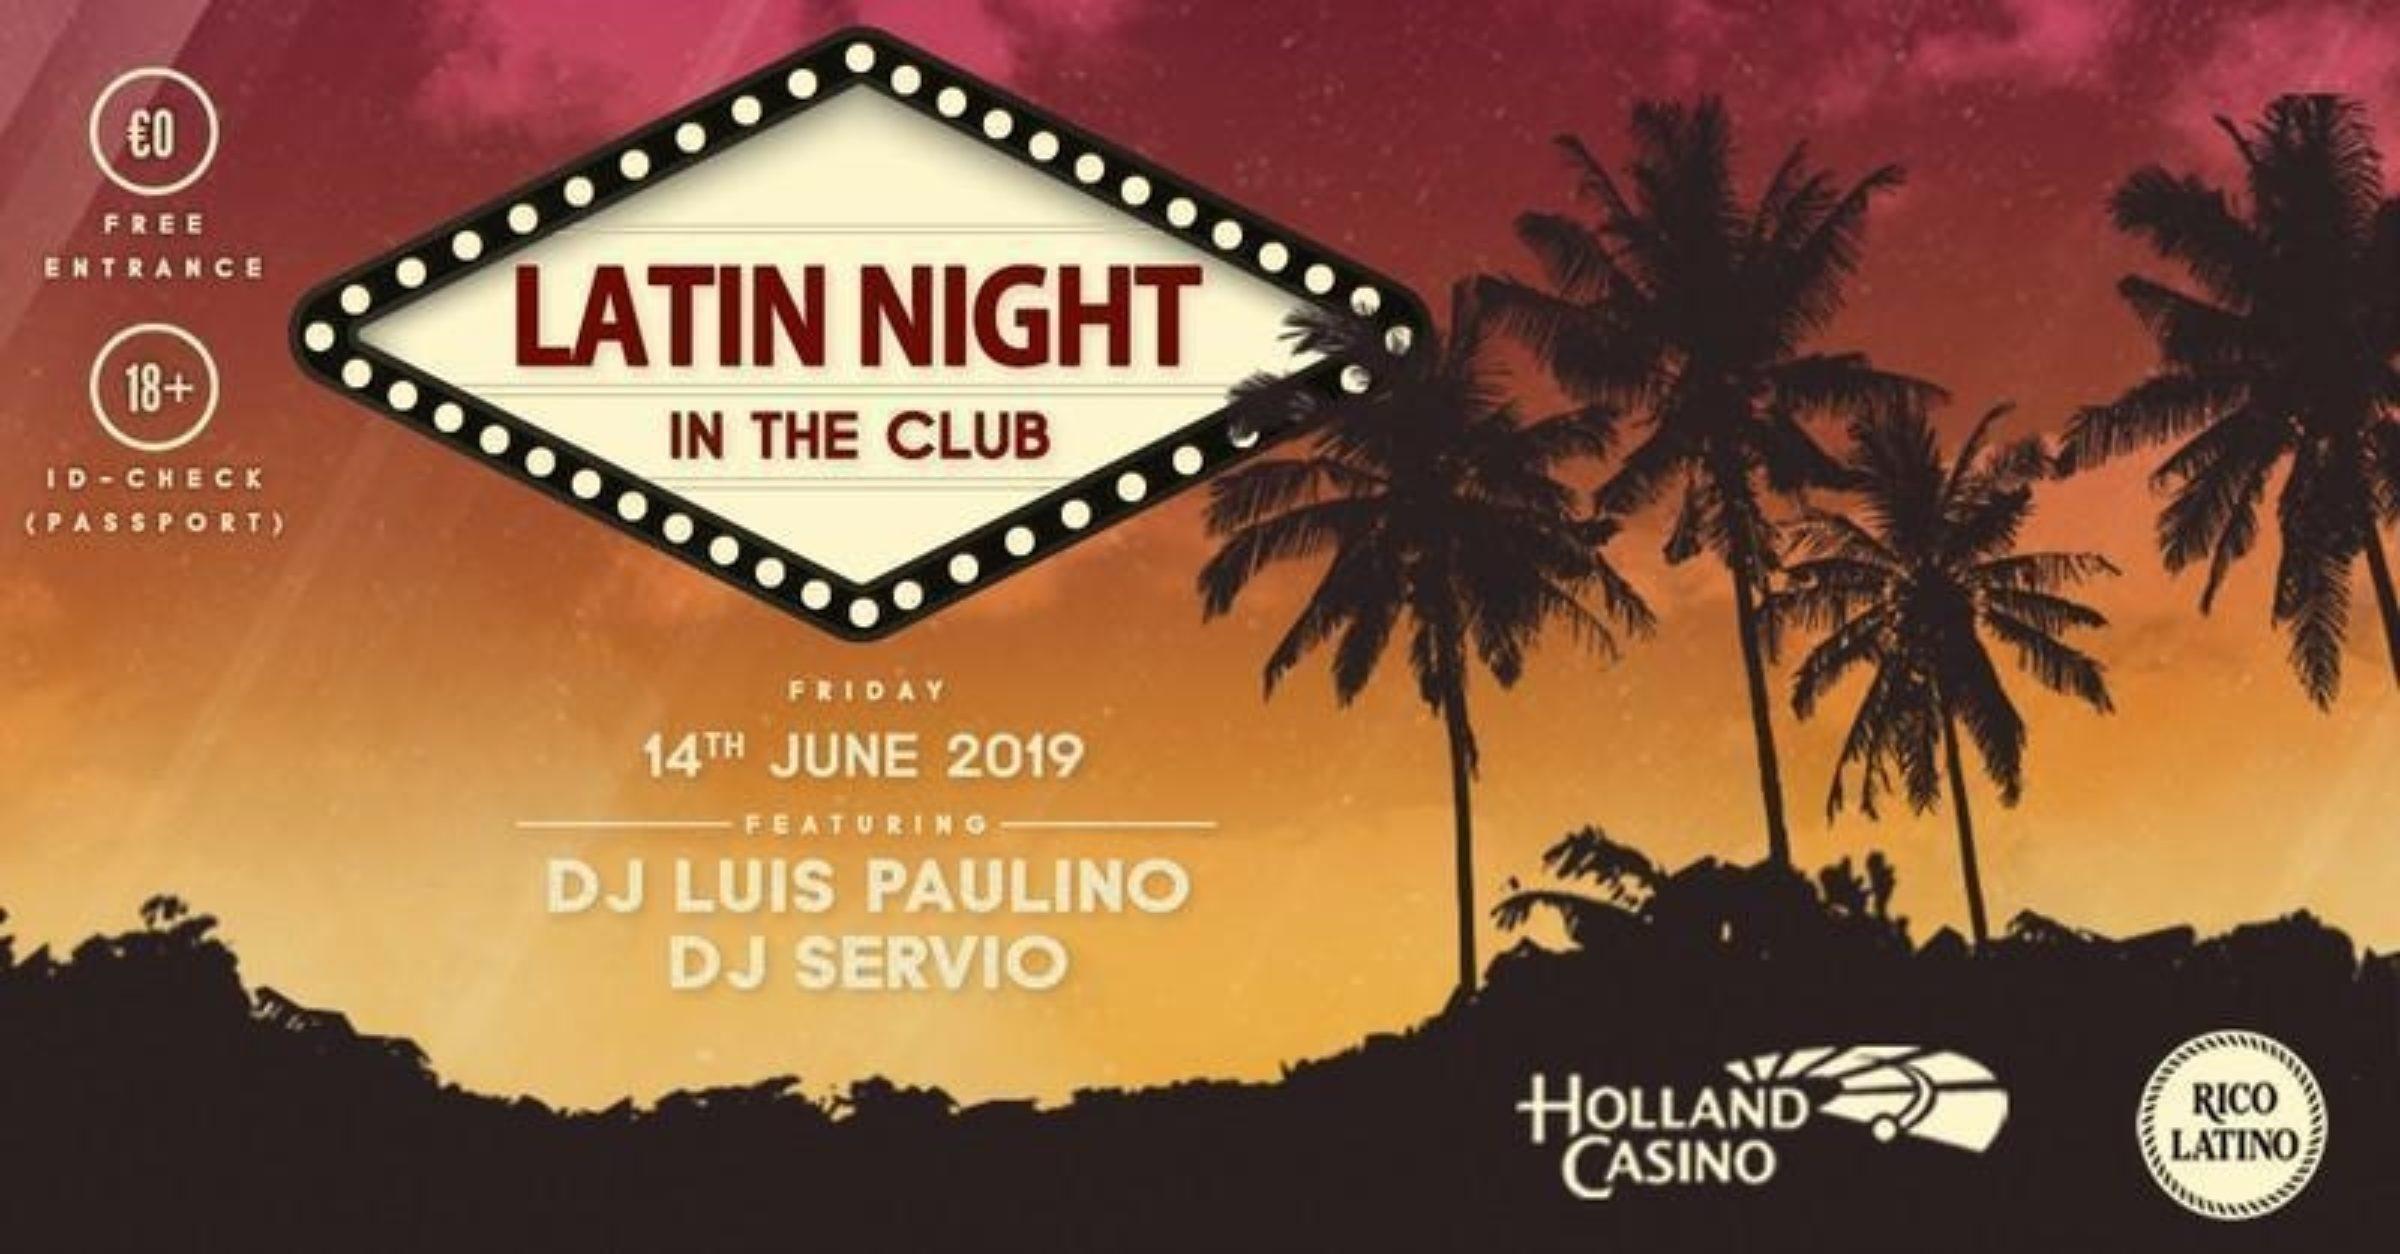 Latin night in the club enschede 3156 1559720032 35hxj7727e